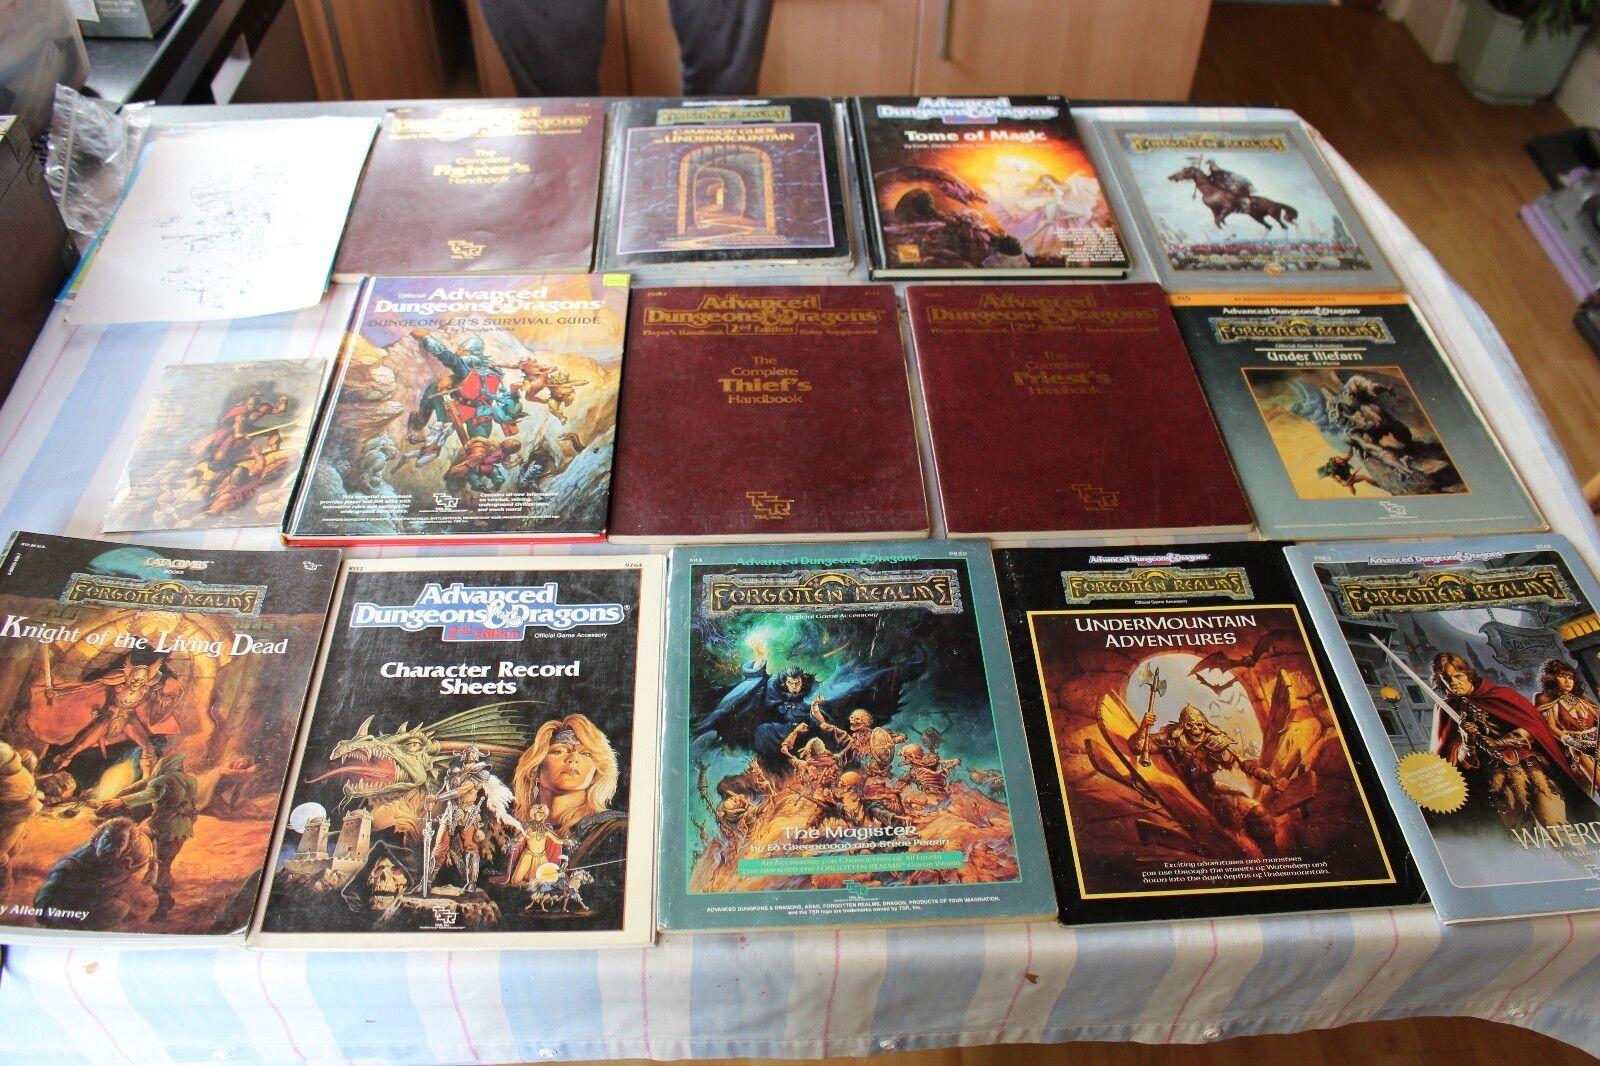 Advanced Dungeons y dragones Libros Trabajo Lote expansiones 1990s agregar Cochegas de reglas de TSR